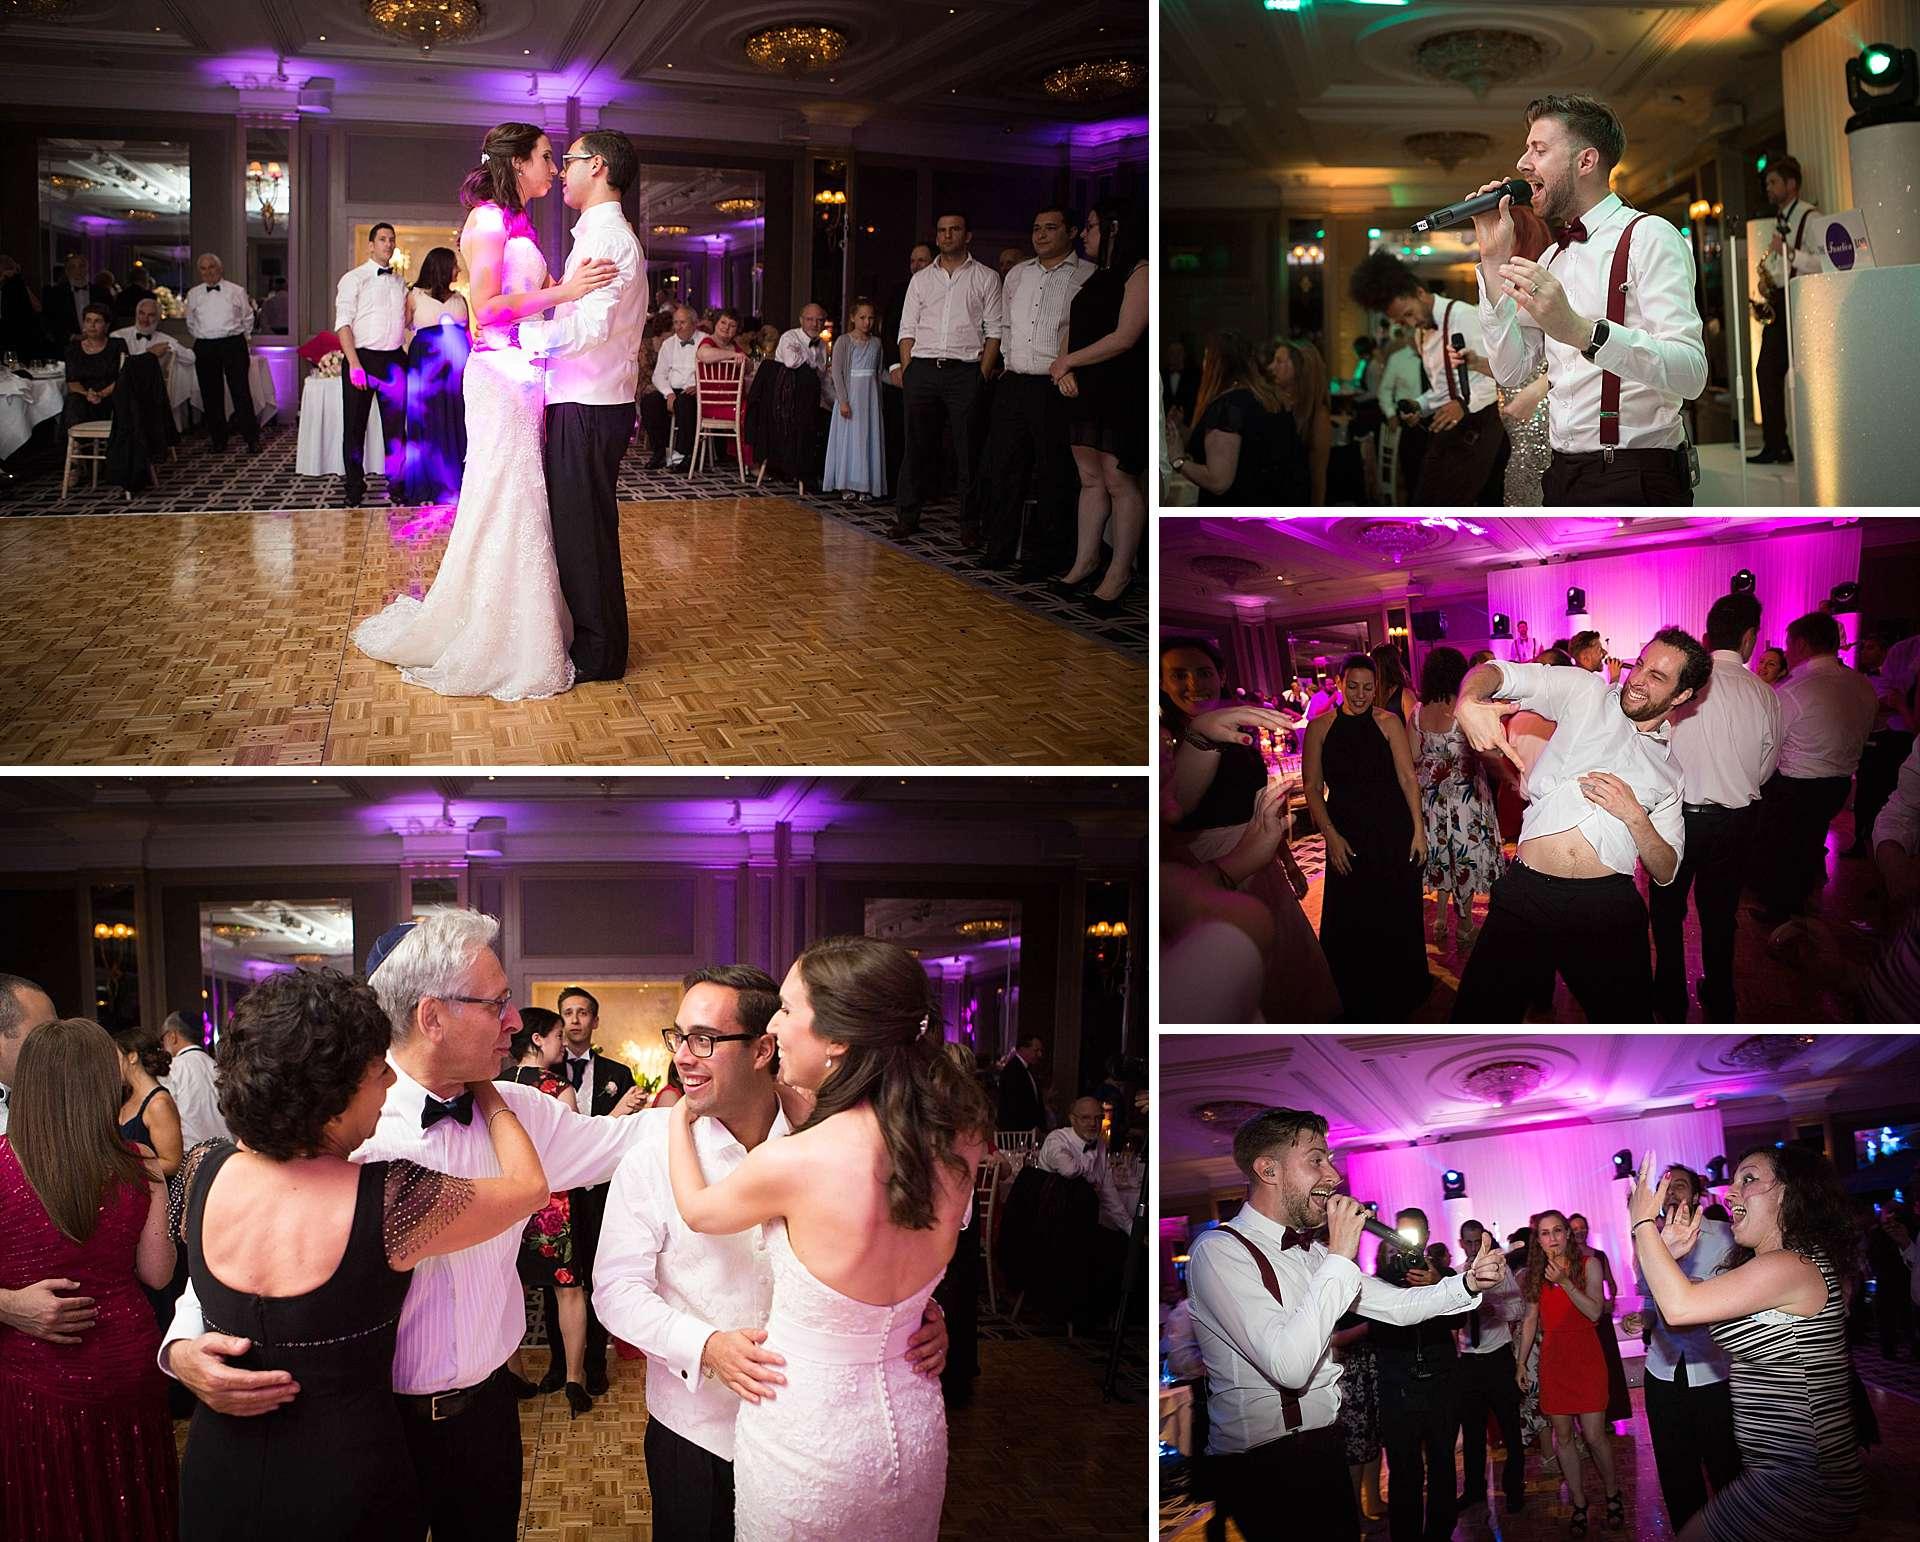 Wedding reception at London Regency Hyatt